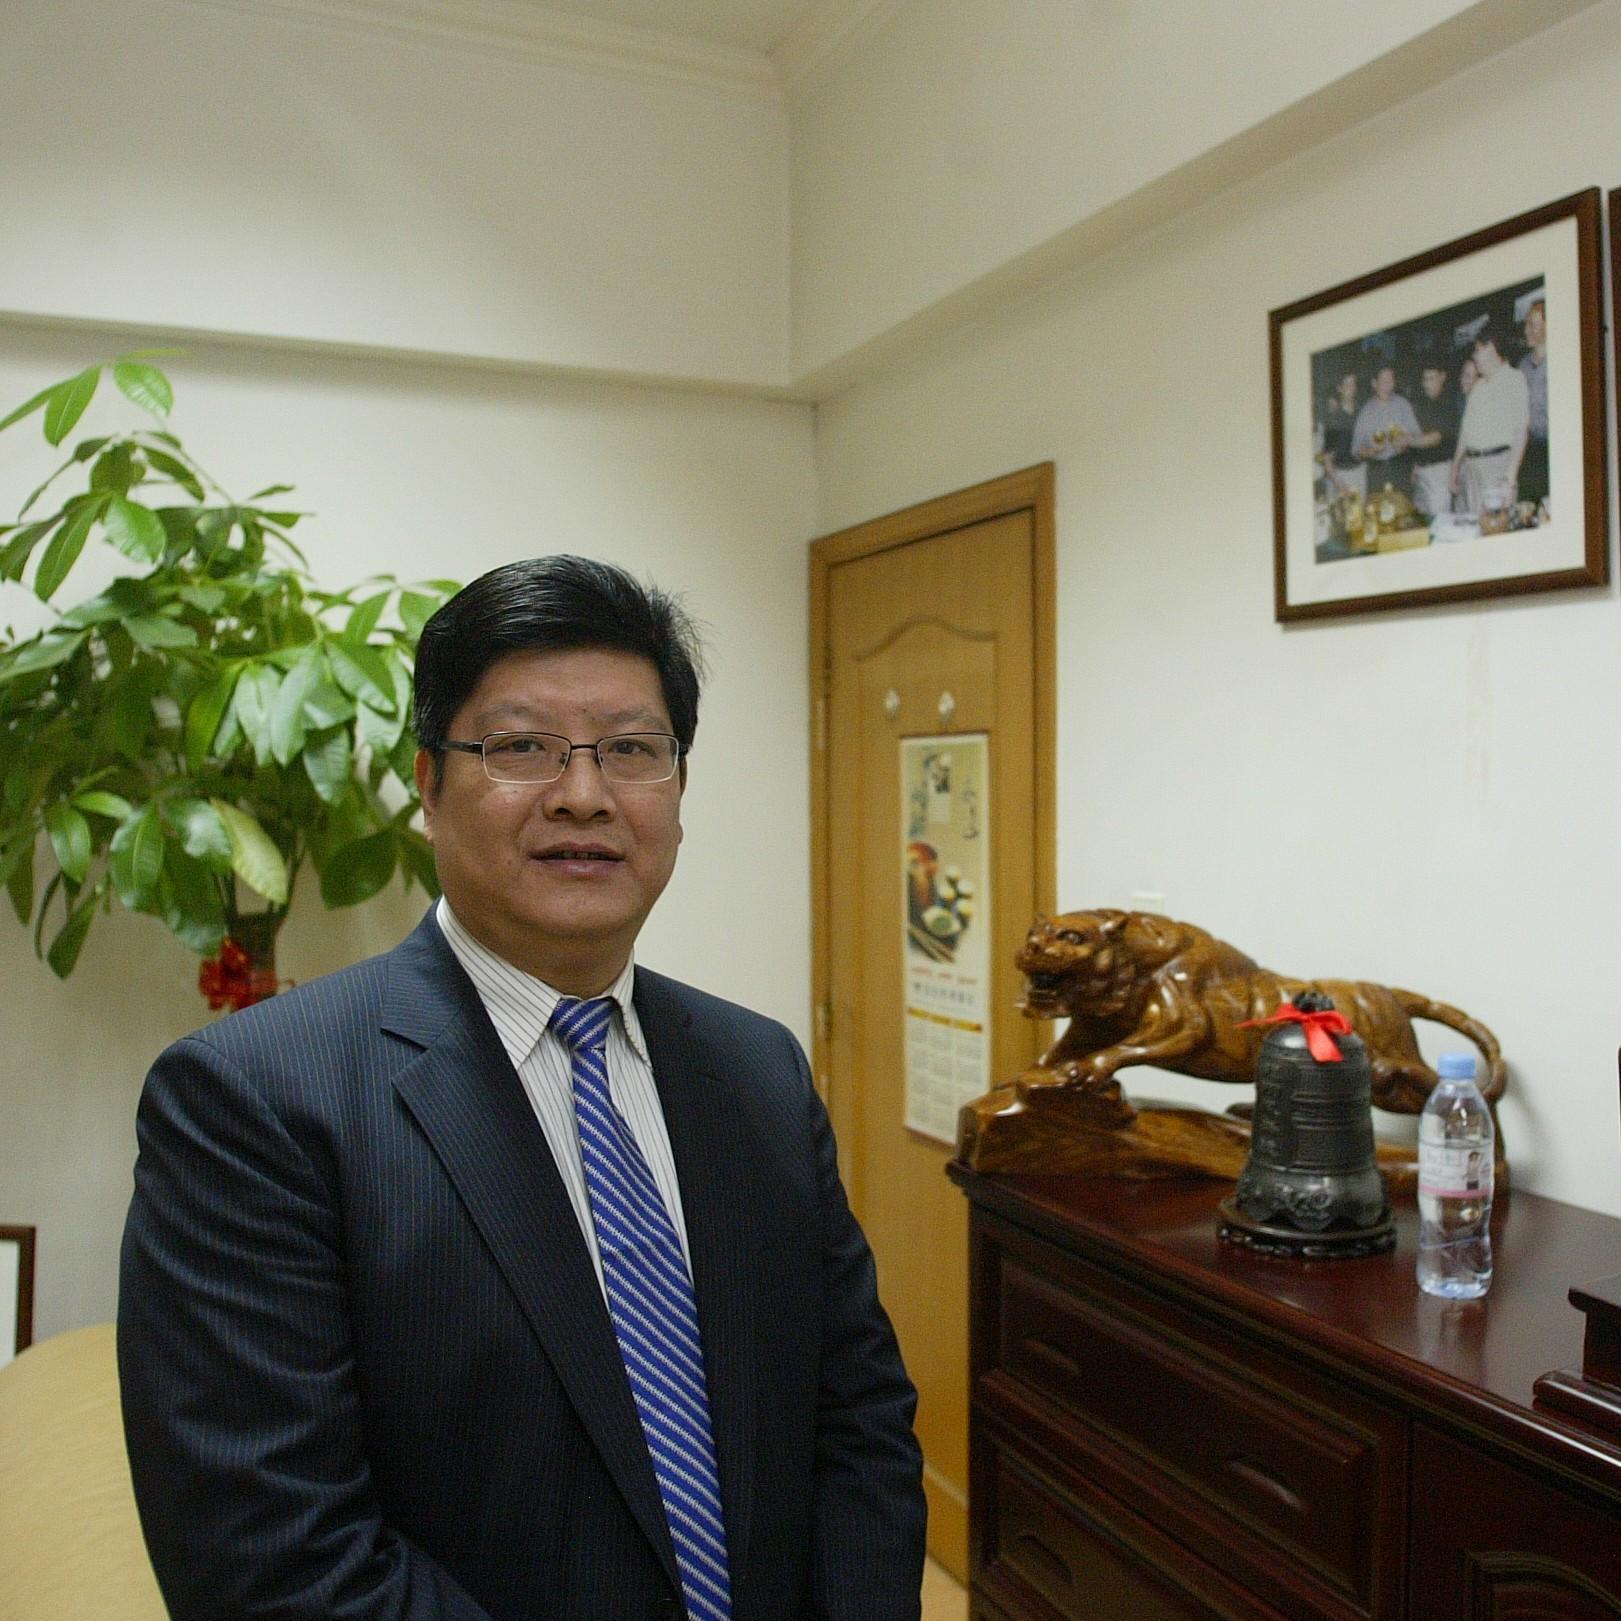 杭州安邦农业生物科技\n宁夏三泰能源贸易董事长杨钟鸣照片